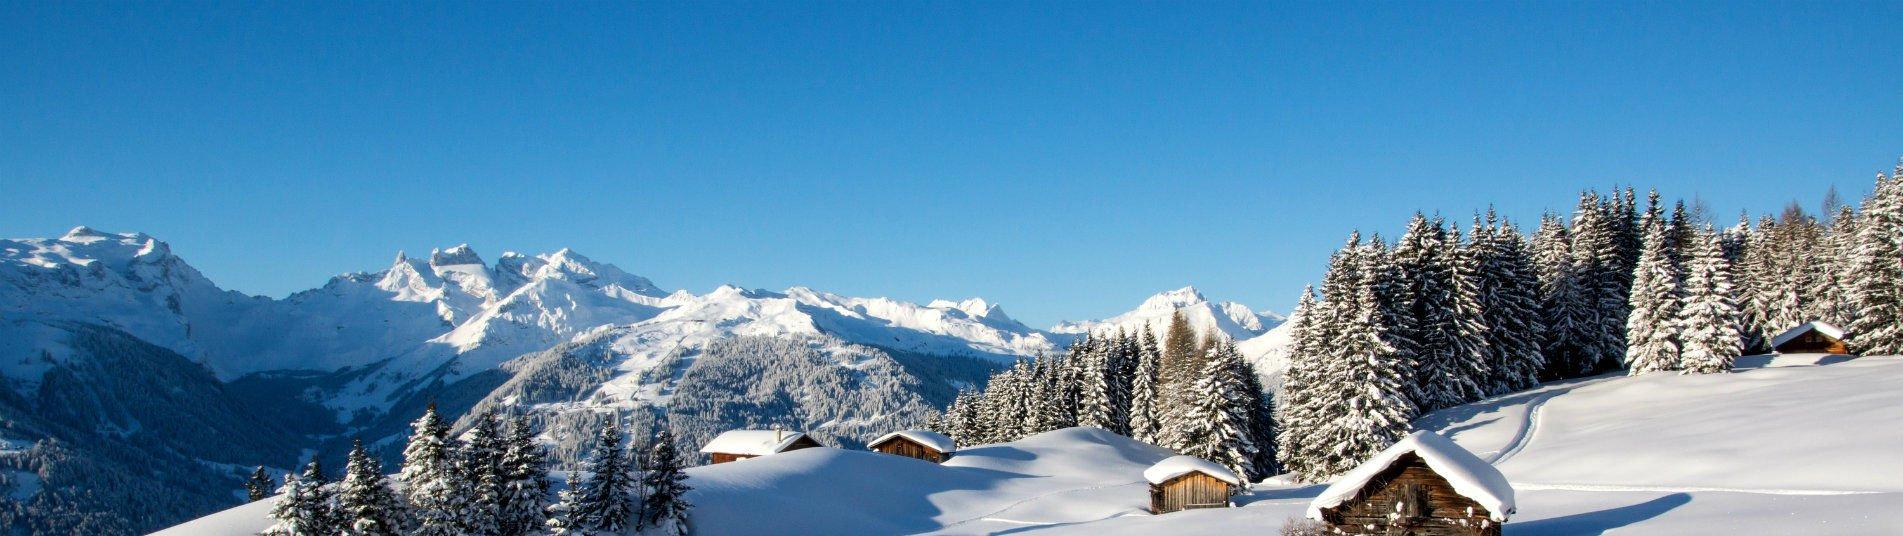 Skier dans les stations françaises